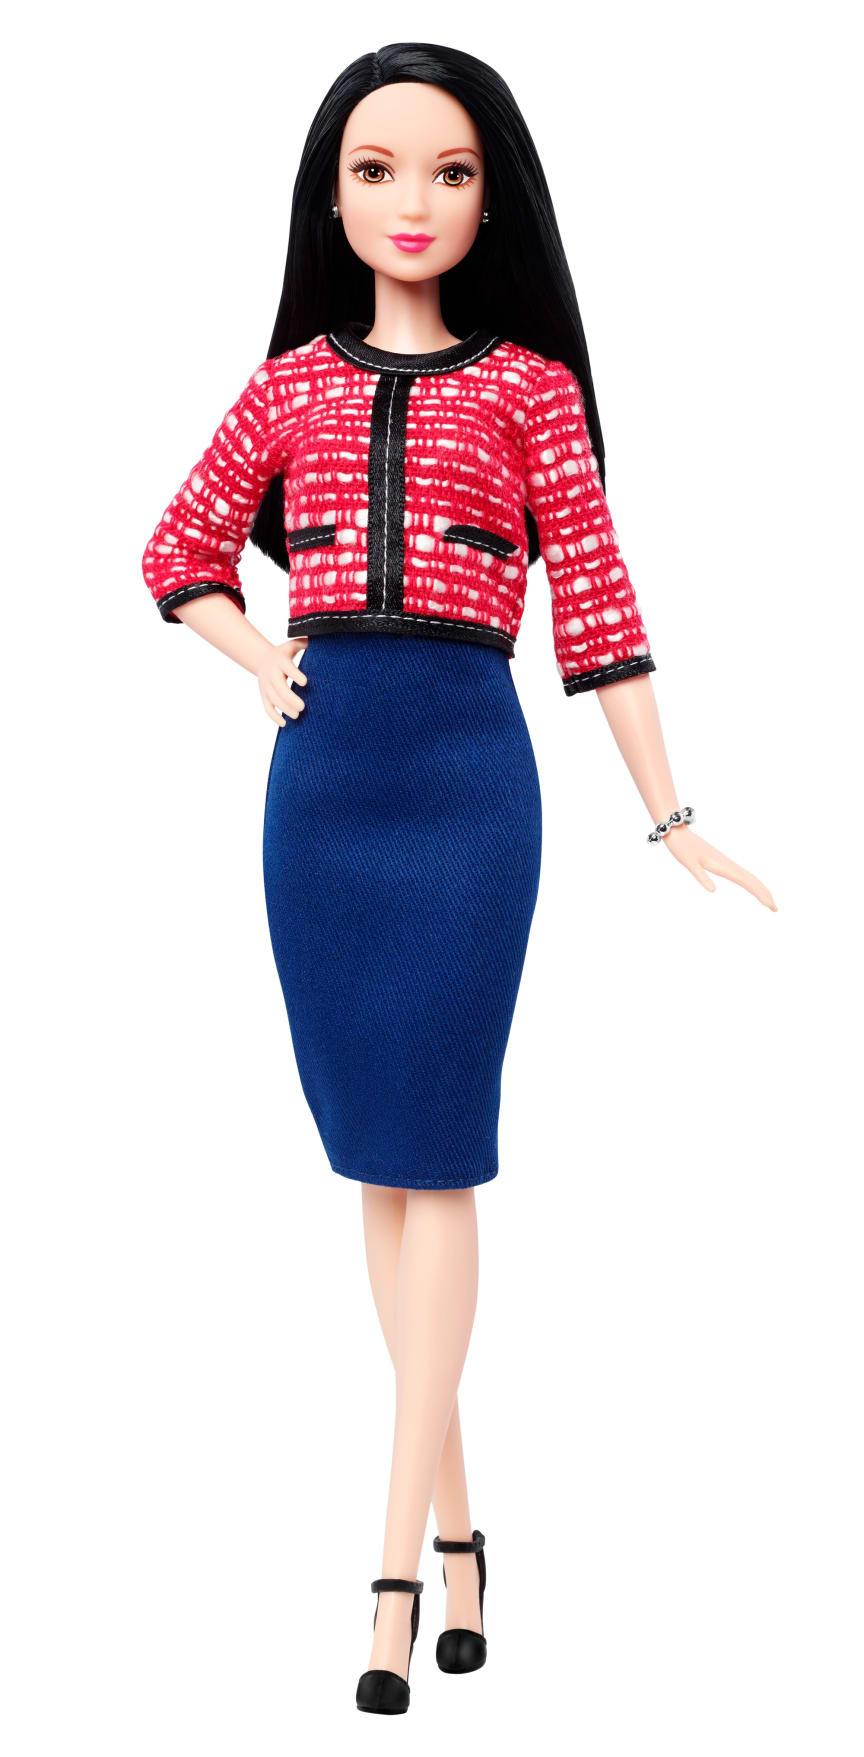 Barbie 60. Jubiläum karriere-Puppe Präsidentschaftskandidatin